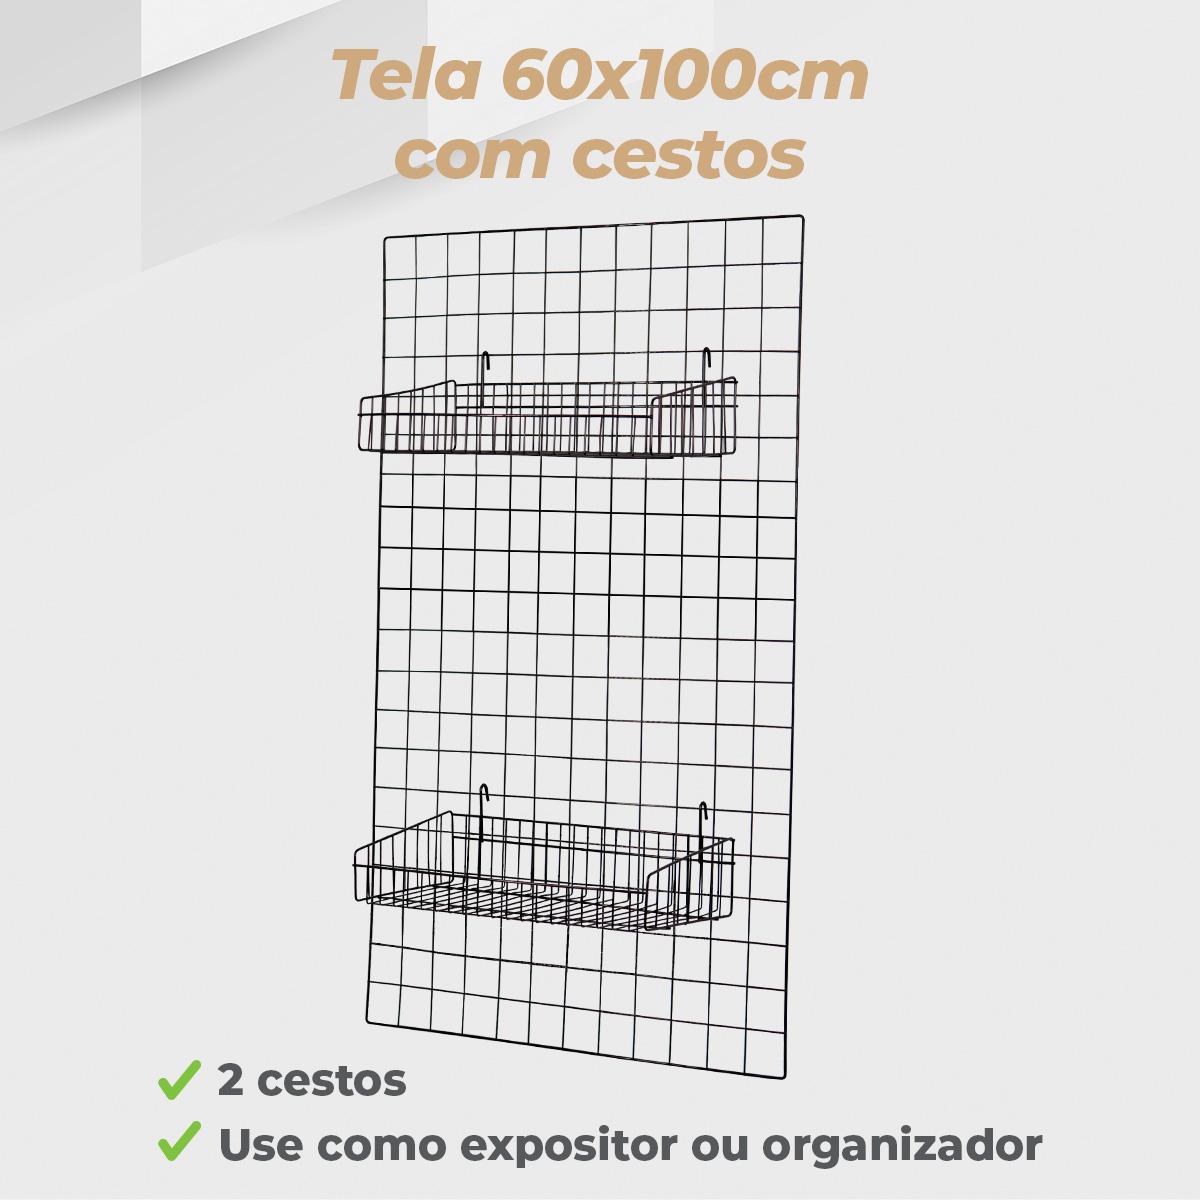 Kit Tela 60x100cm + 2 Cestos Tela 20x40cm